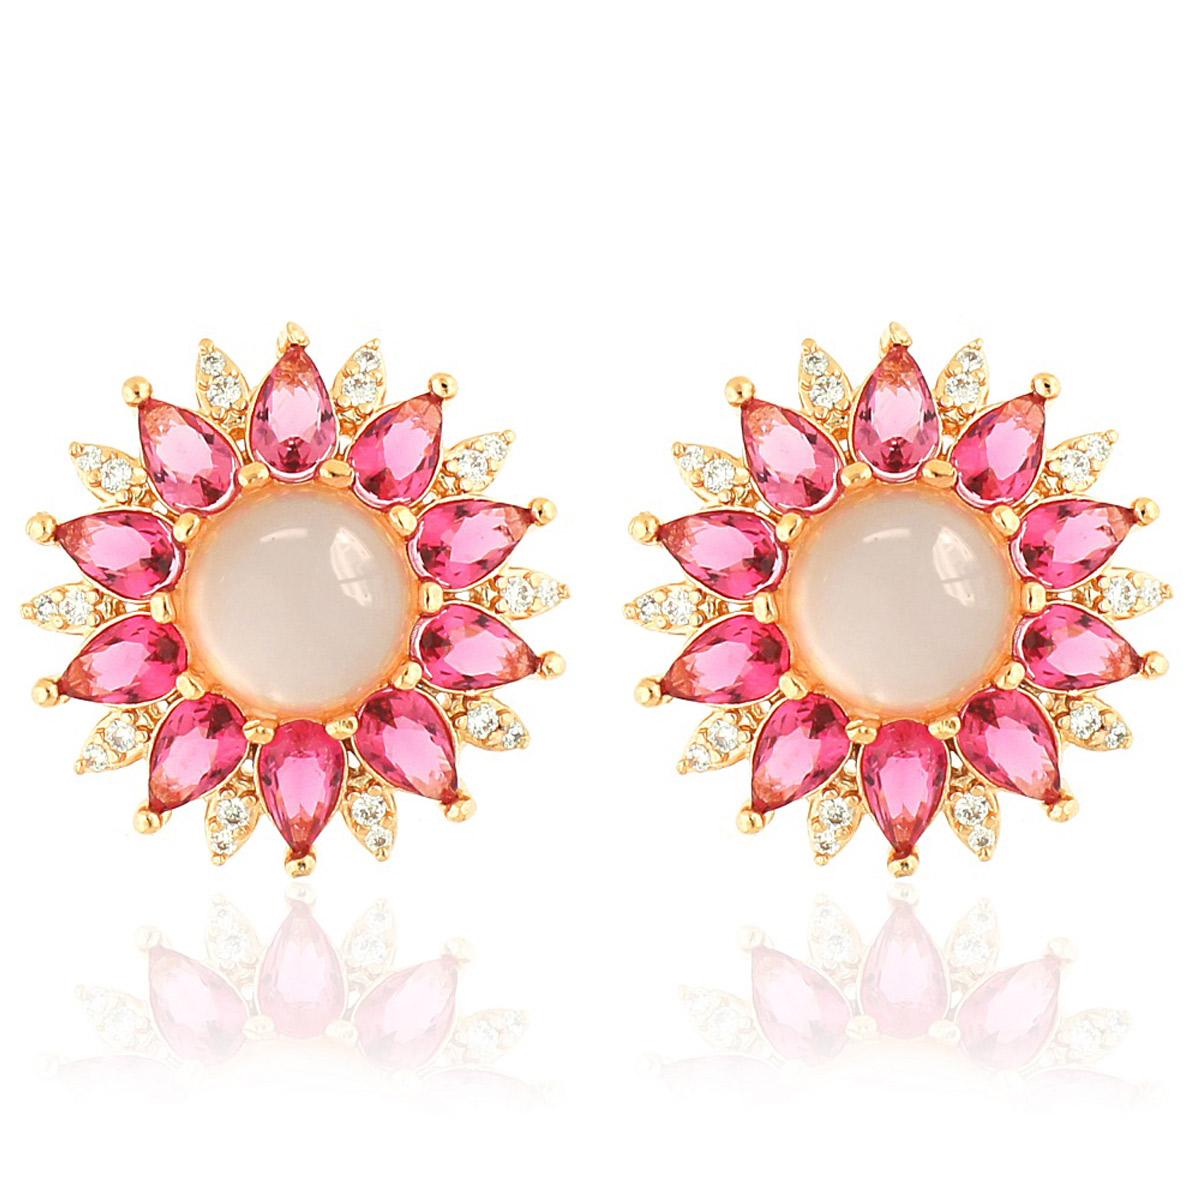 Brinco Flor Cabochão Semijoia em Ouro Rosé 18K com Zircônia Branca e Cristal Rosa Safira  - Soloyou